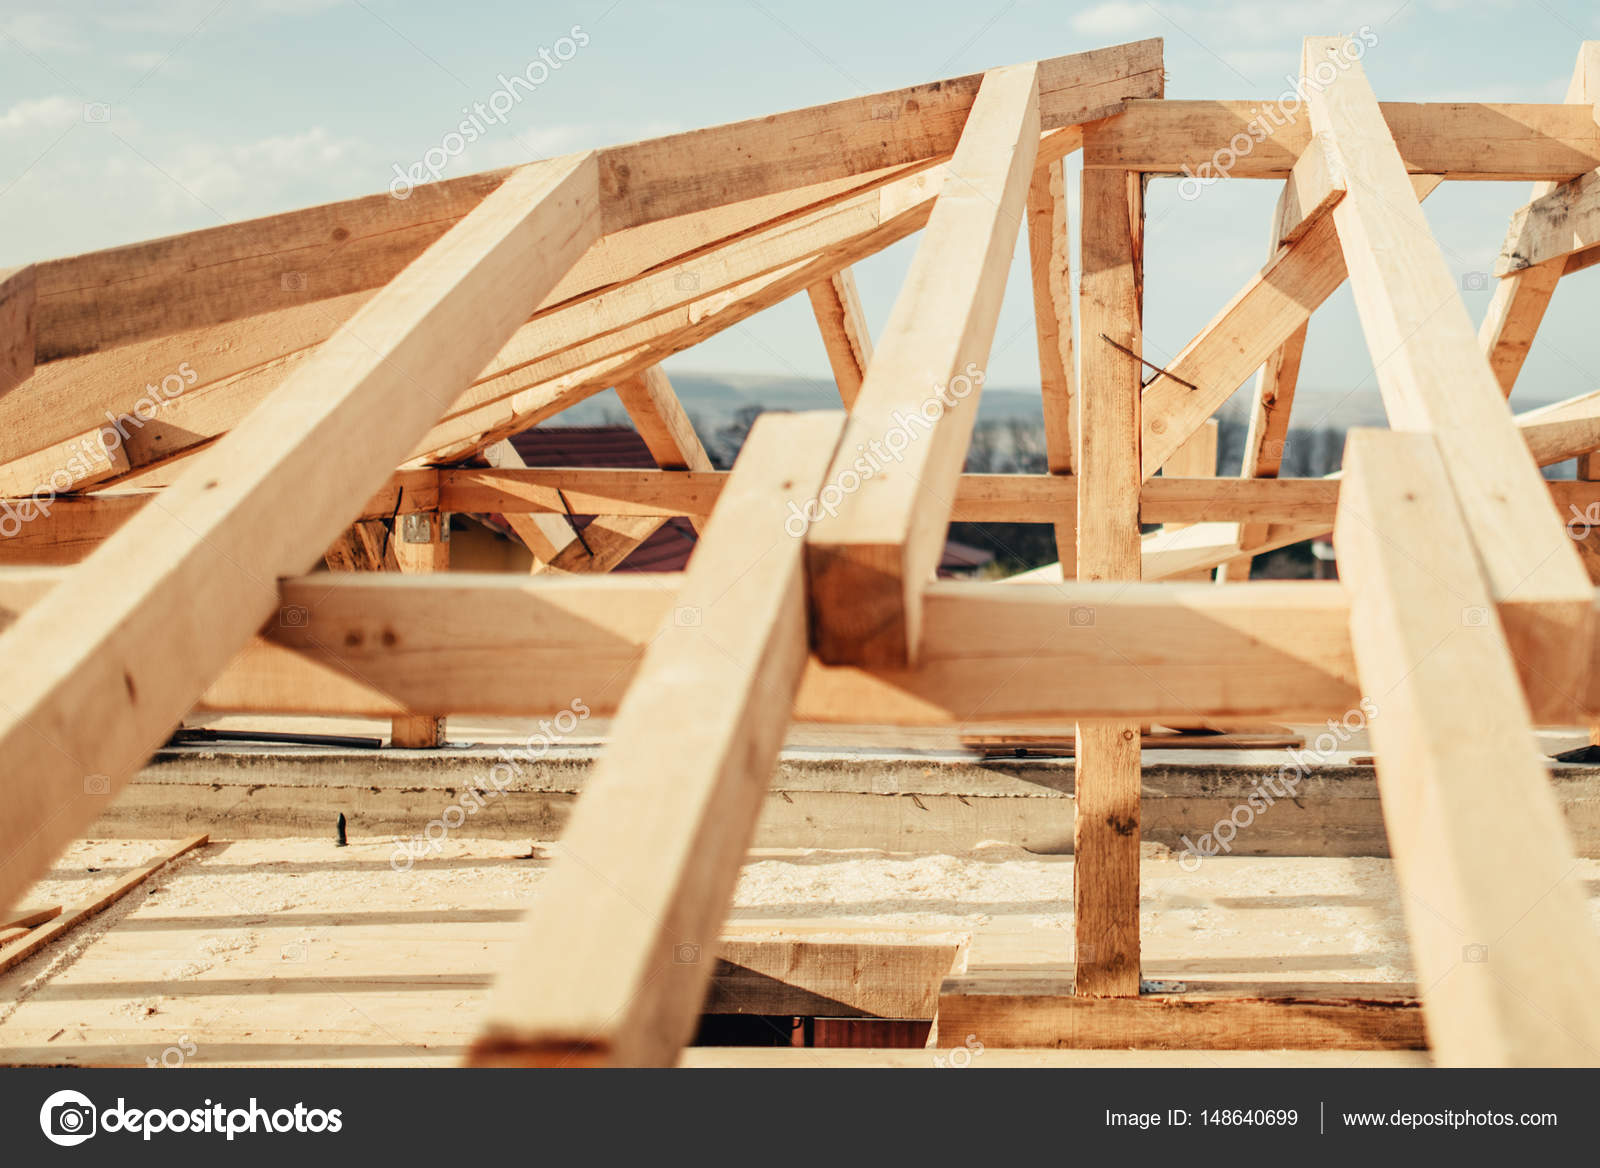 Estructura madera techo del material para techos del - Estructuras casas de madera ...